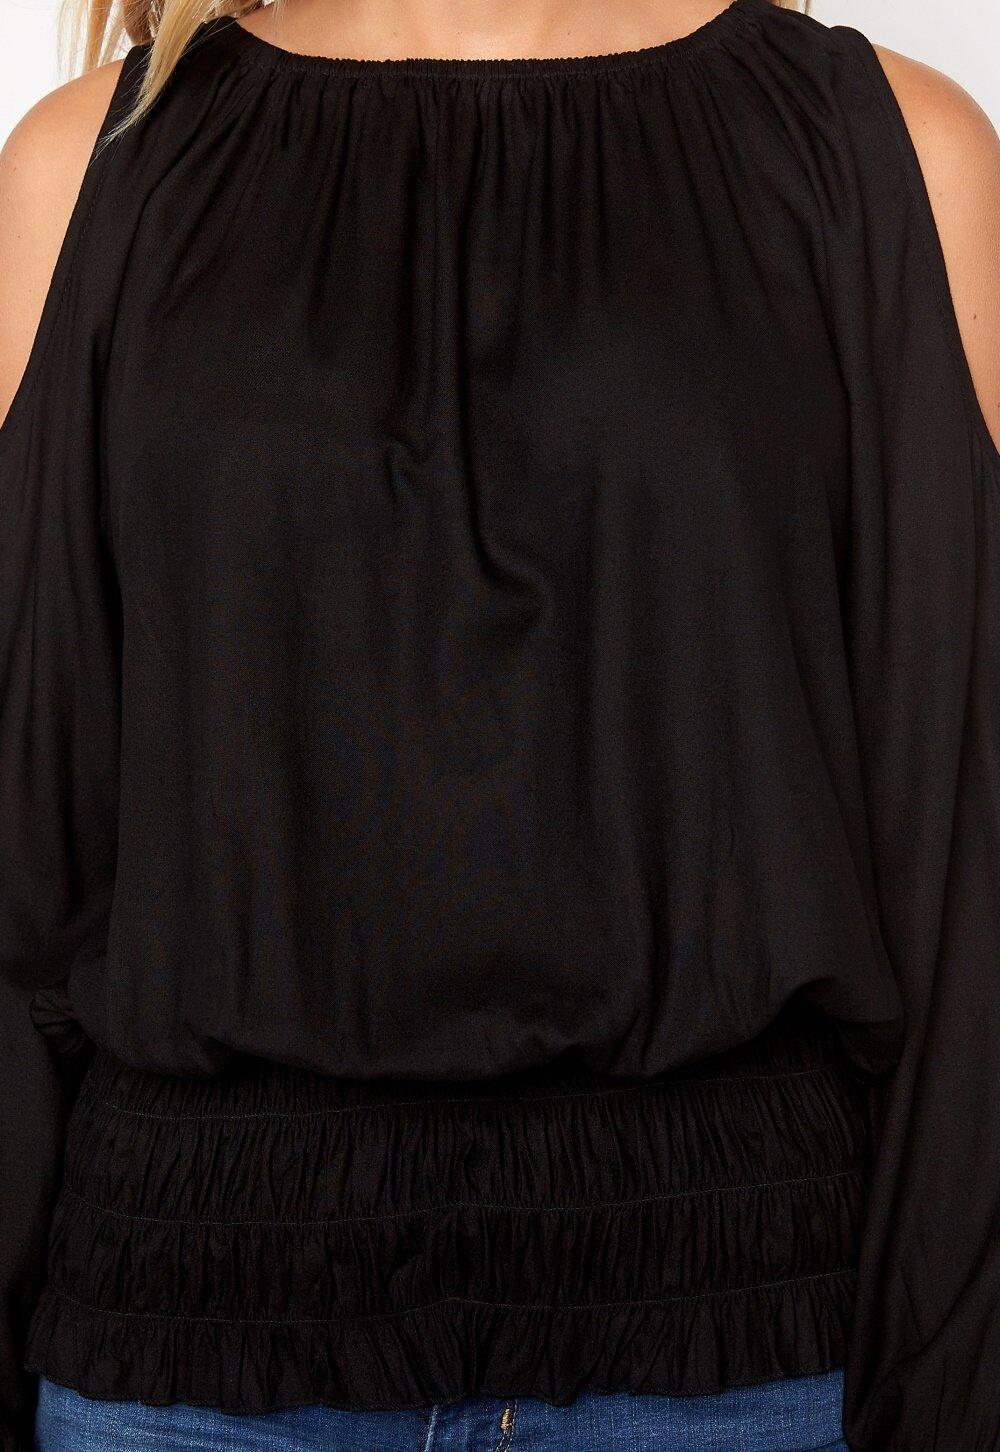 0fcf2be89a54 Chiara Forthi Cold Shoulder Top Black - Bubbleroom